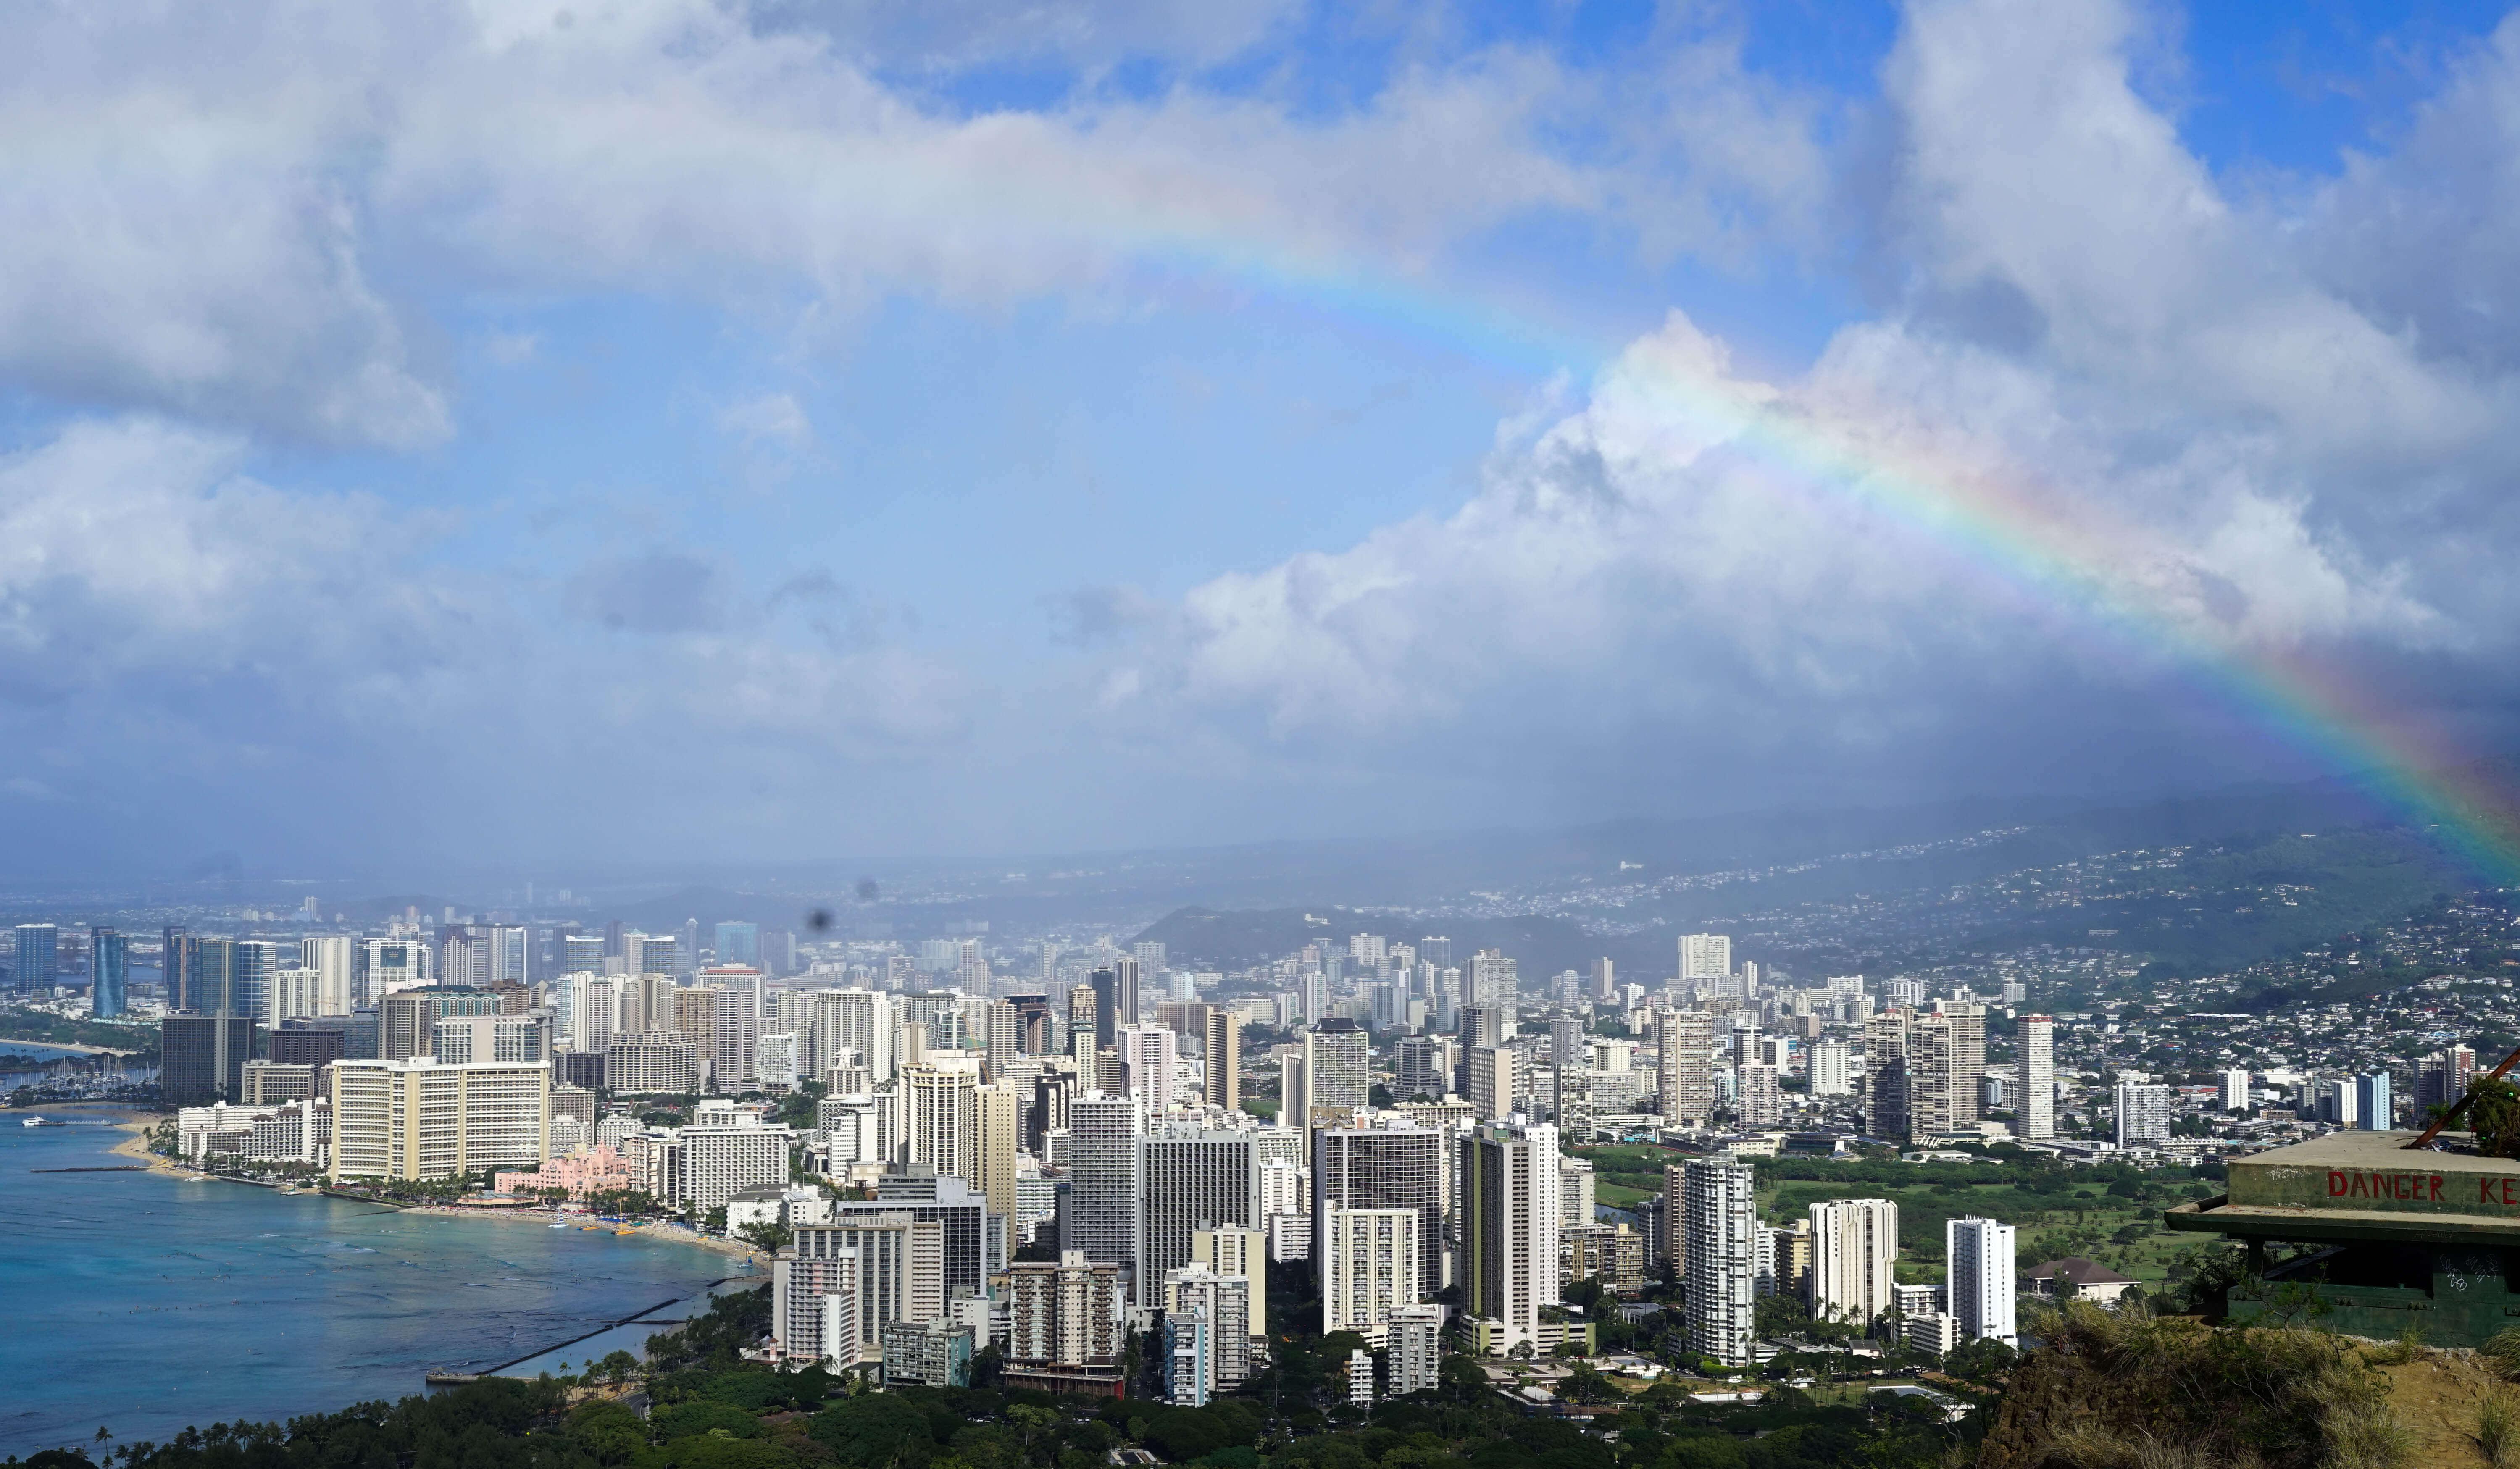 Newark to Honolulu on United Economy